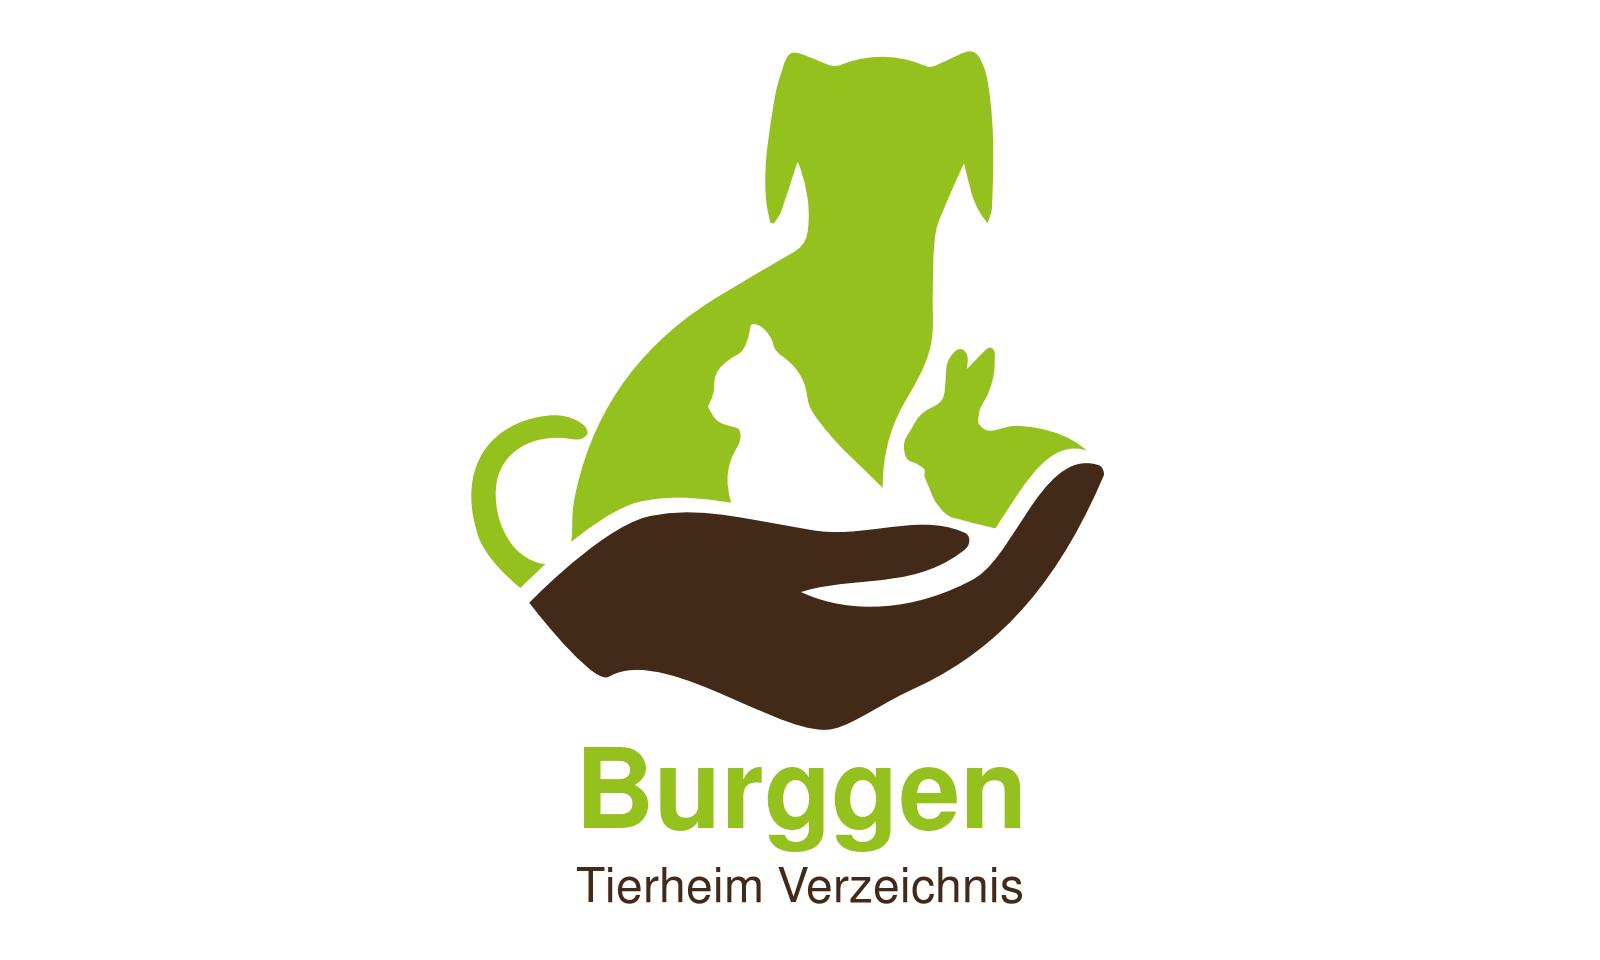 Tierheim Burggen